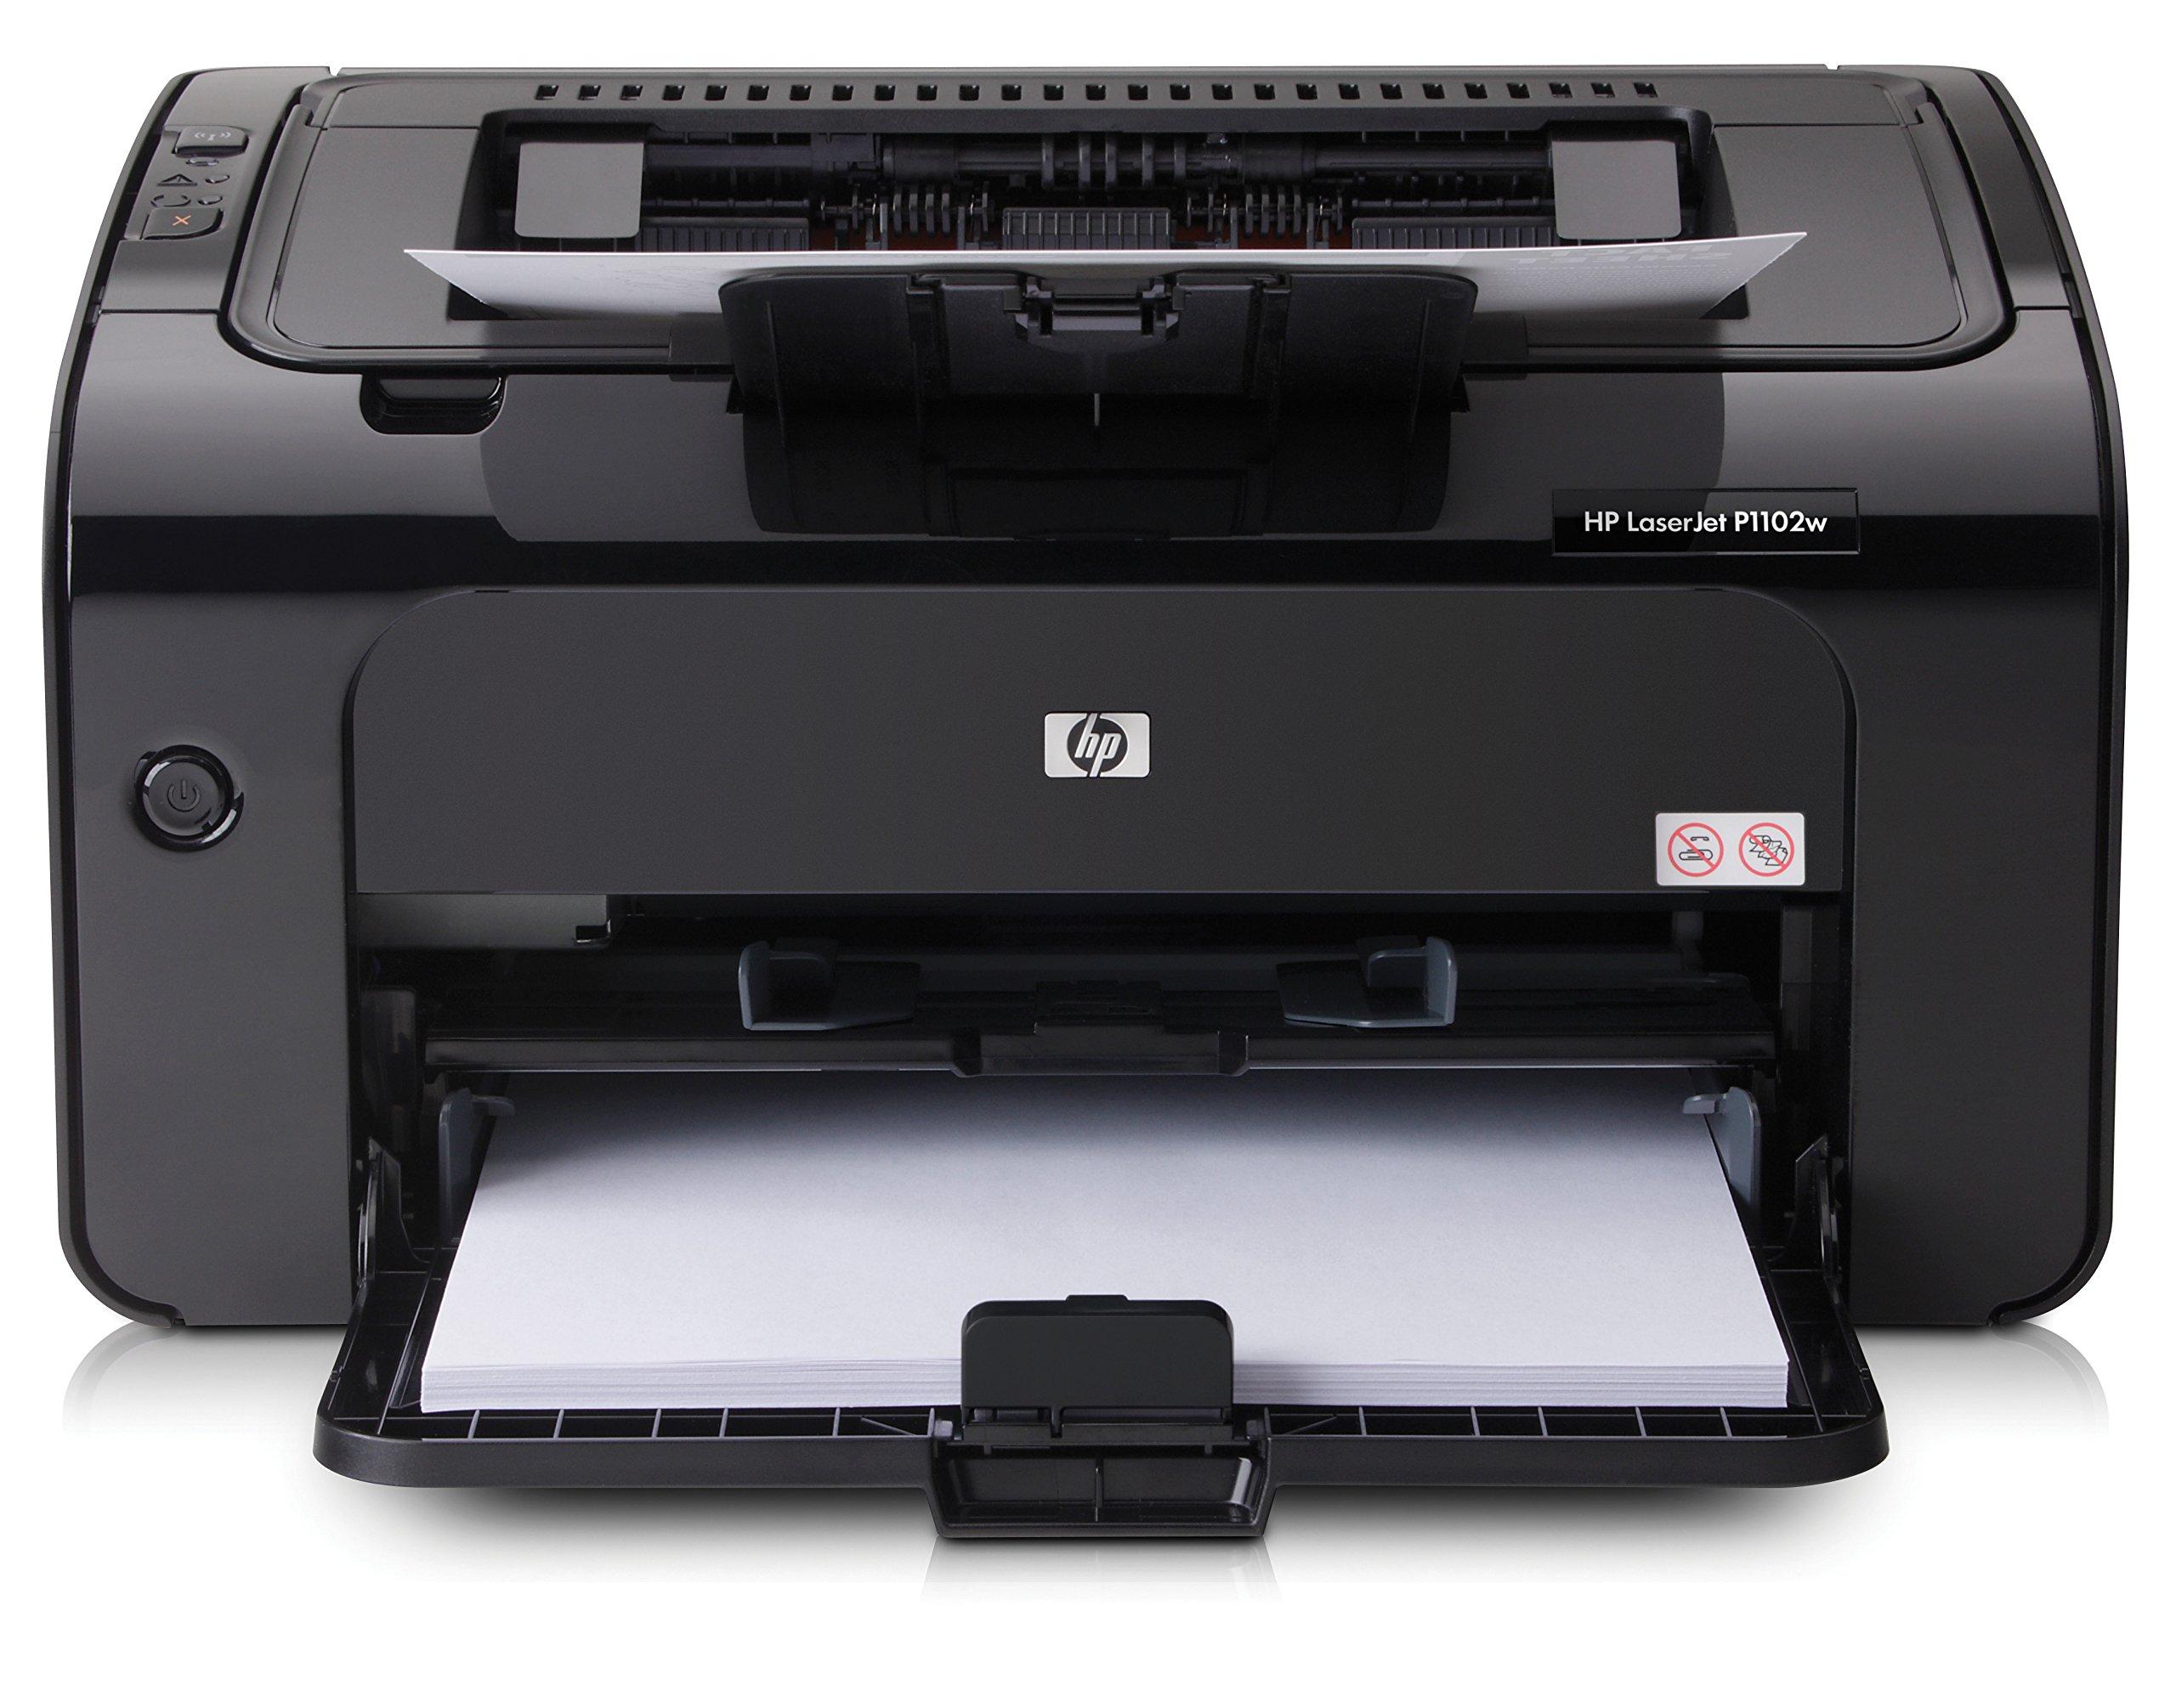 HP LaserJet Pro P1102w Wireless Laser Printer (CE658A) by HP